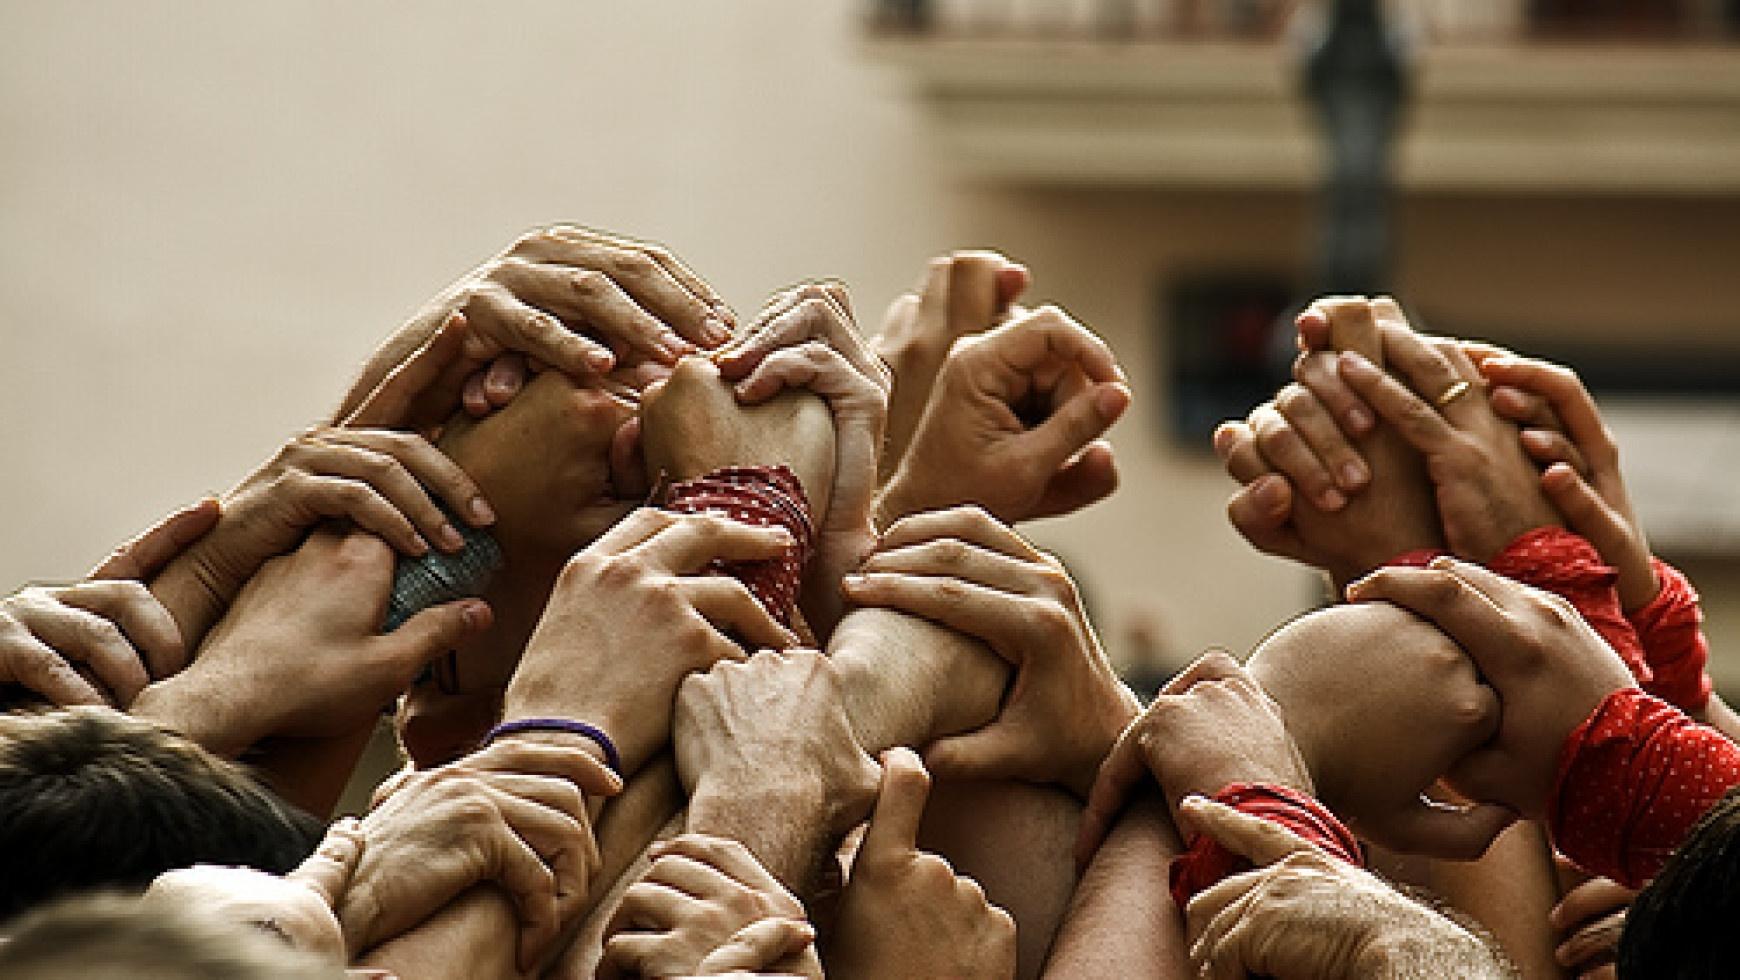 Predicacion: Apoyarnos unos en otros (18/11/2012)